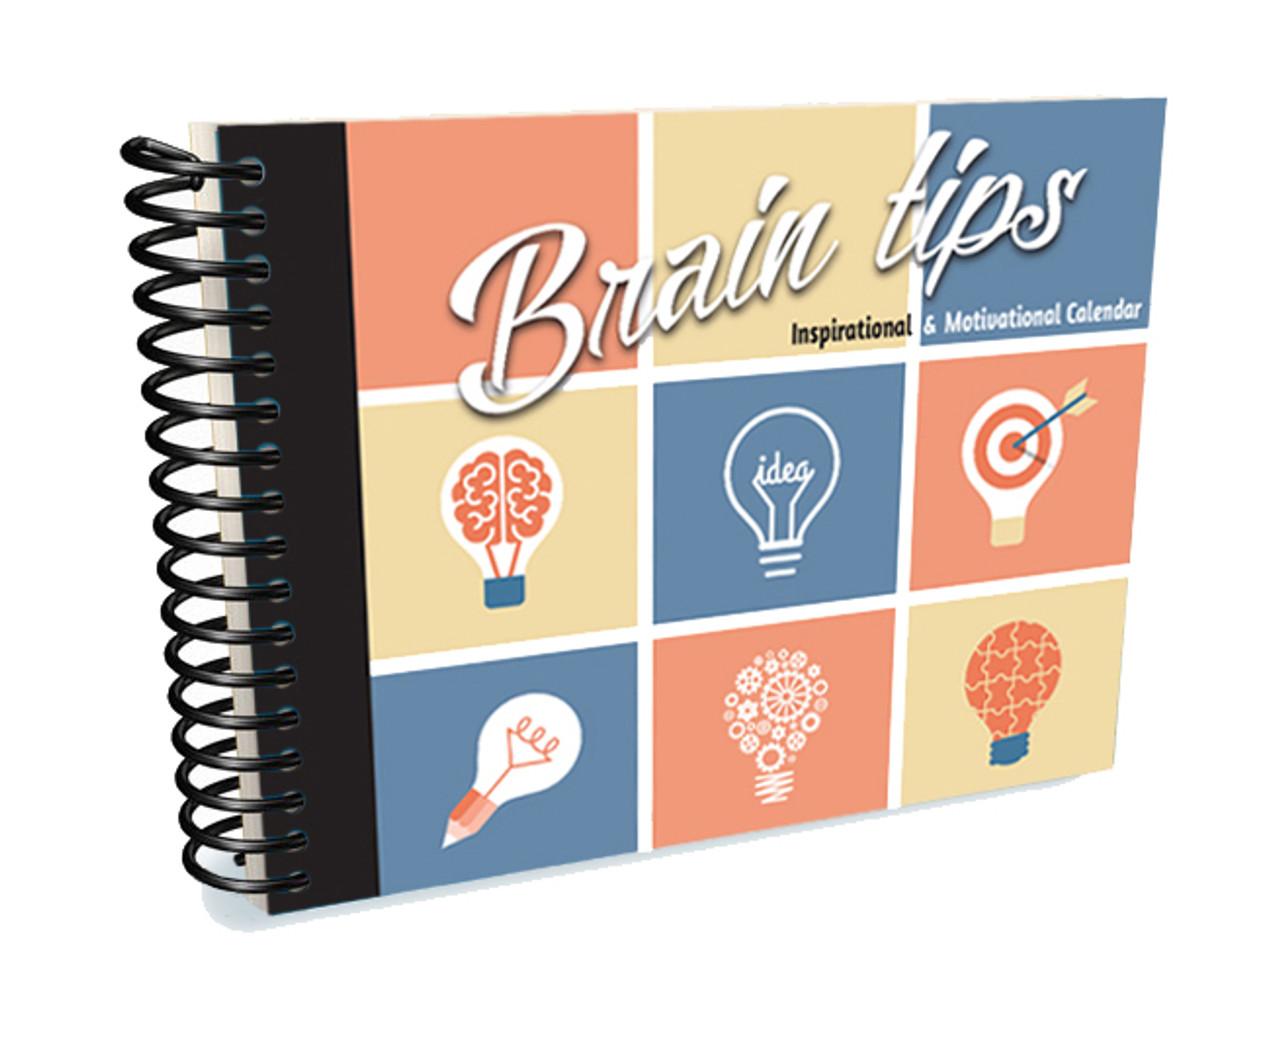 Brain Tips: Inspirational & Motivational Calendar